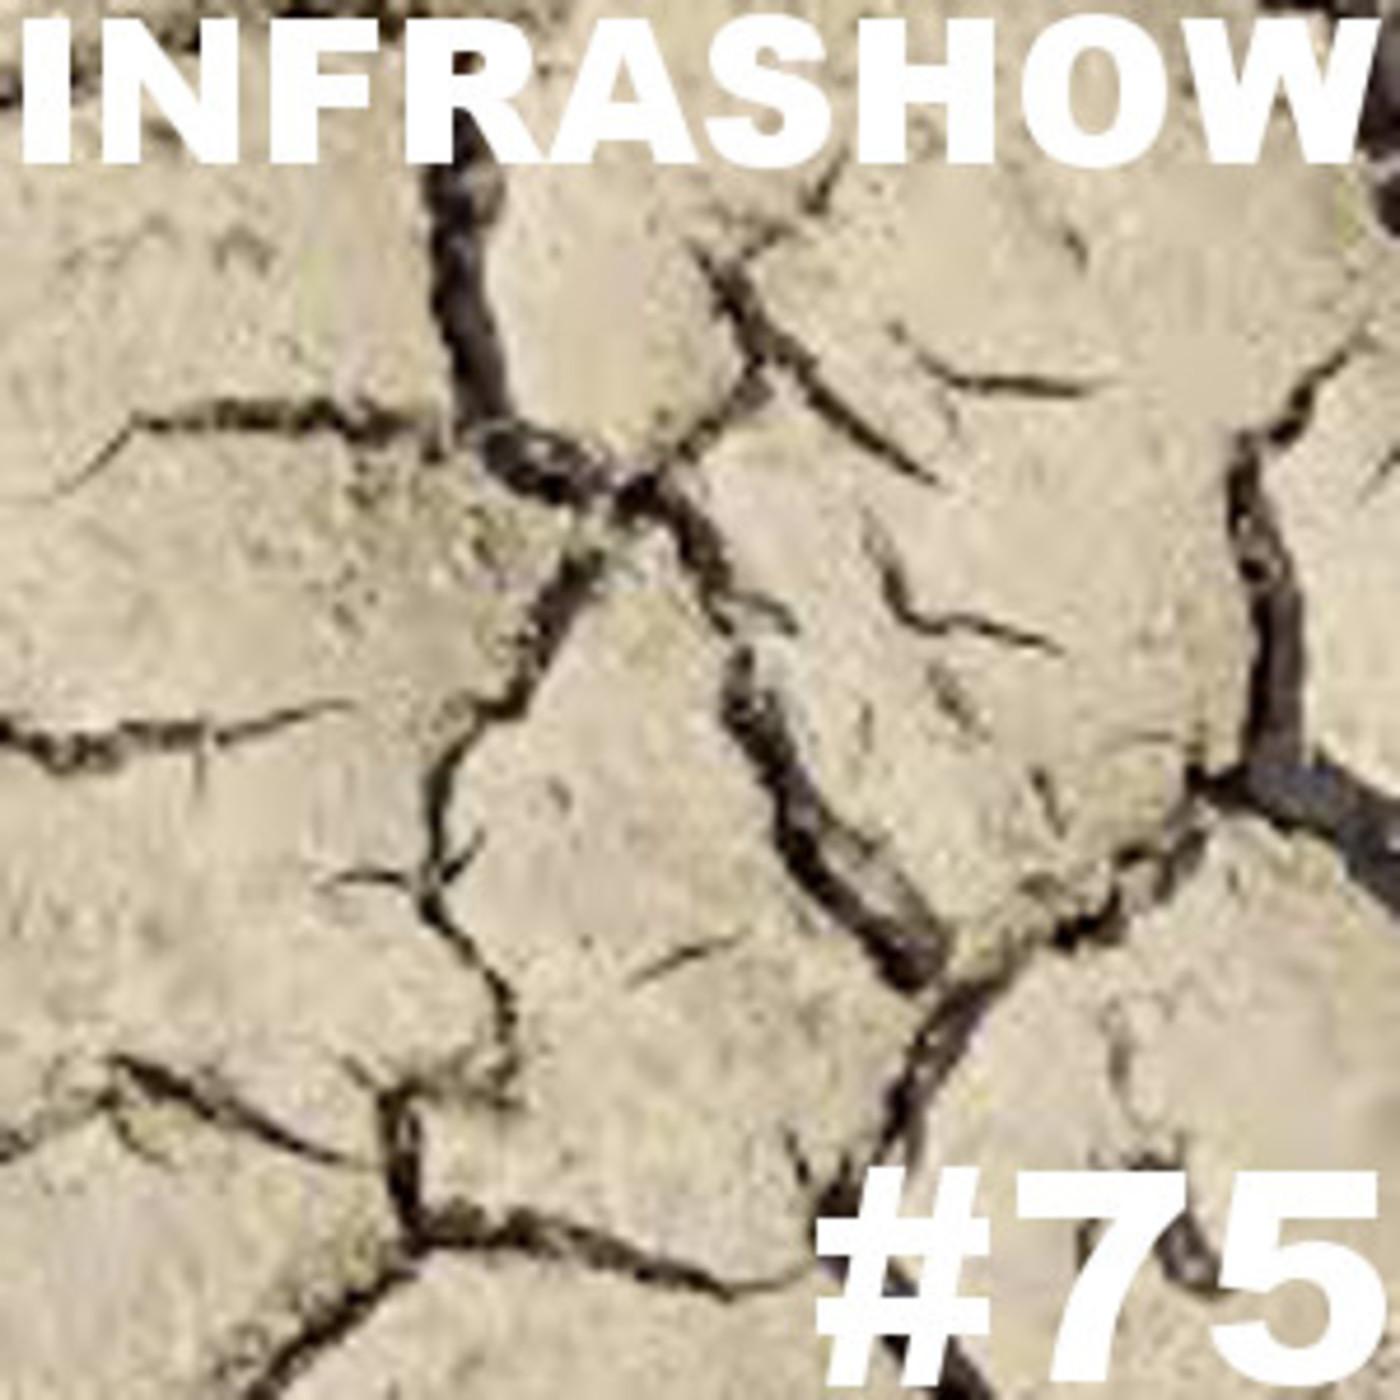 Infrashow #75